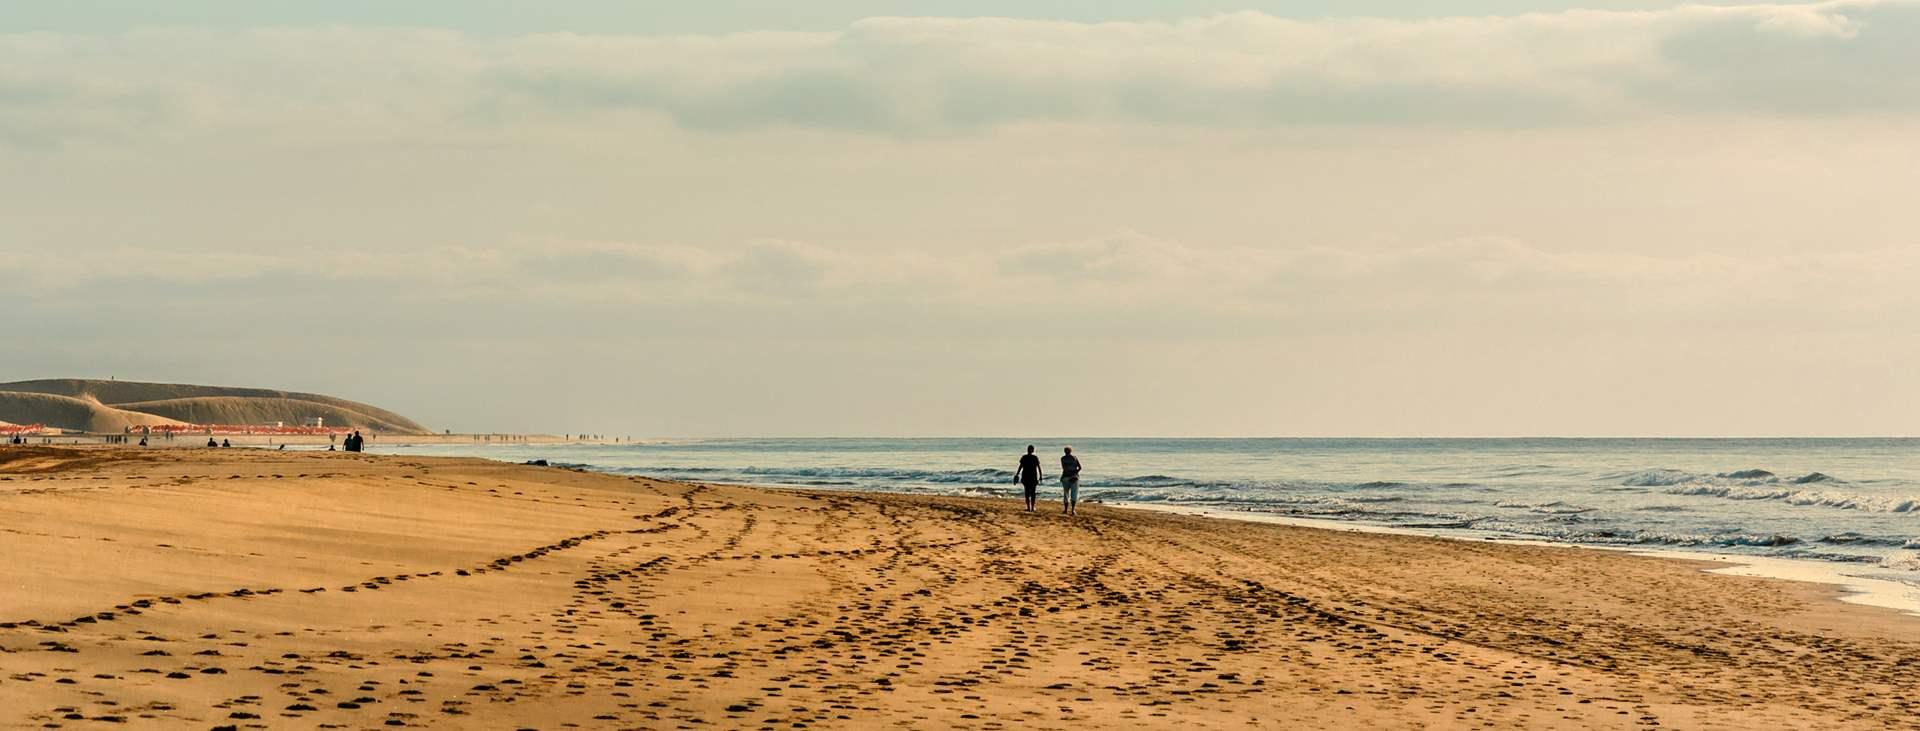 Boka din resa till Playa del Inglés på Gran Canaria med Ving